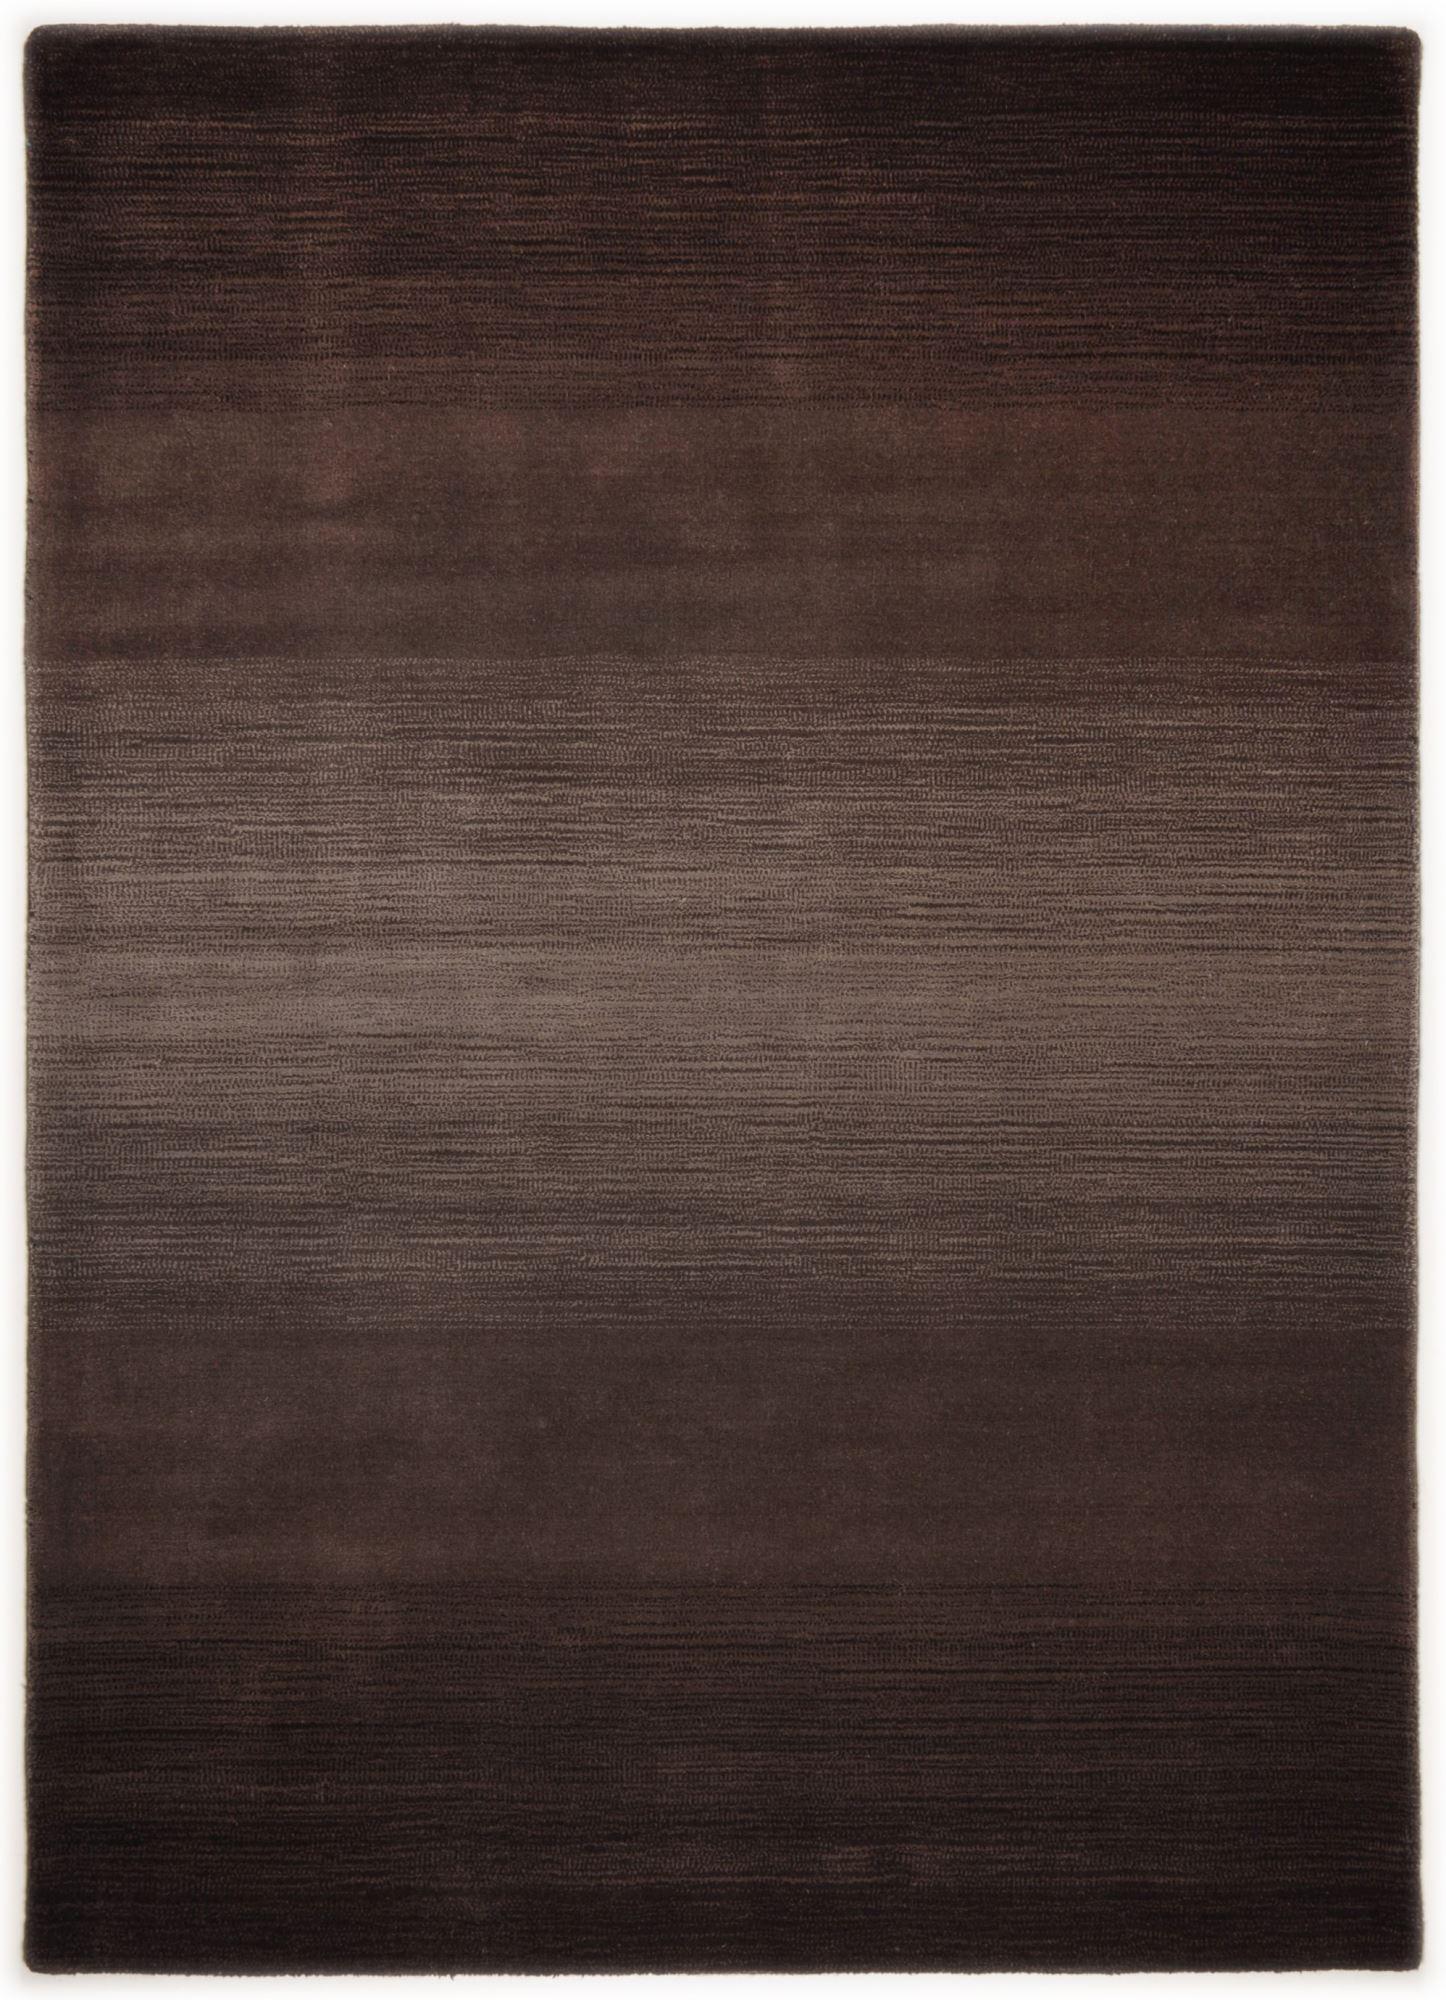 Tapis dégradé de couleur en laine Chocolat 160x230